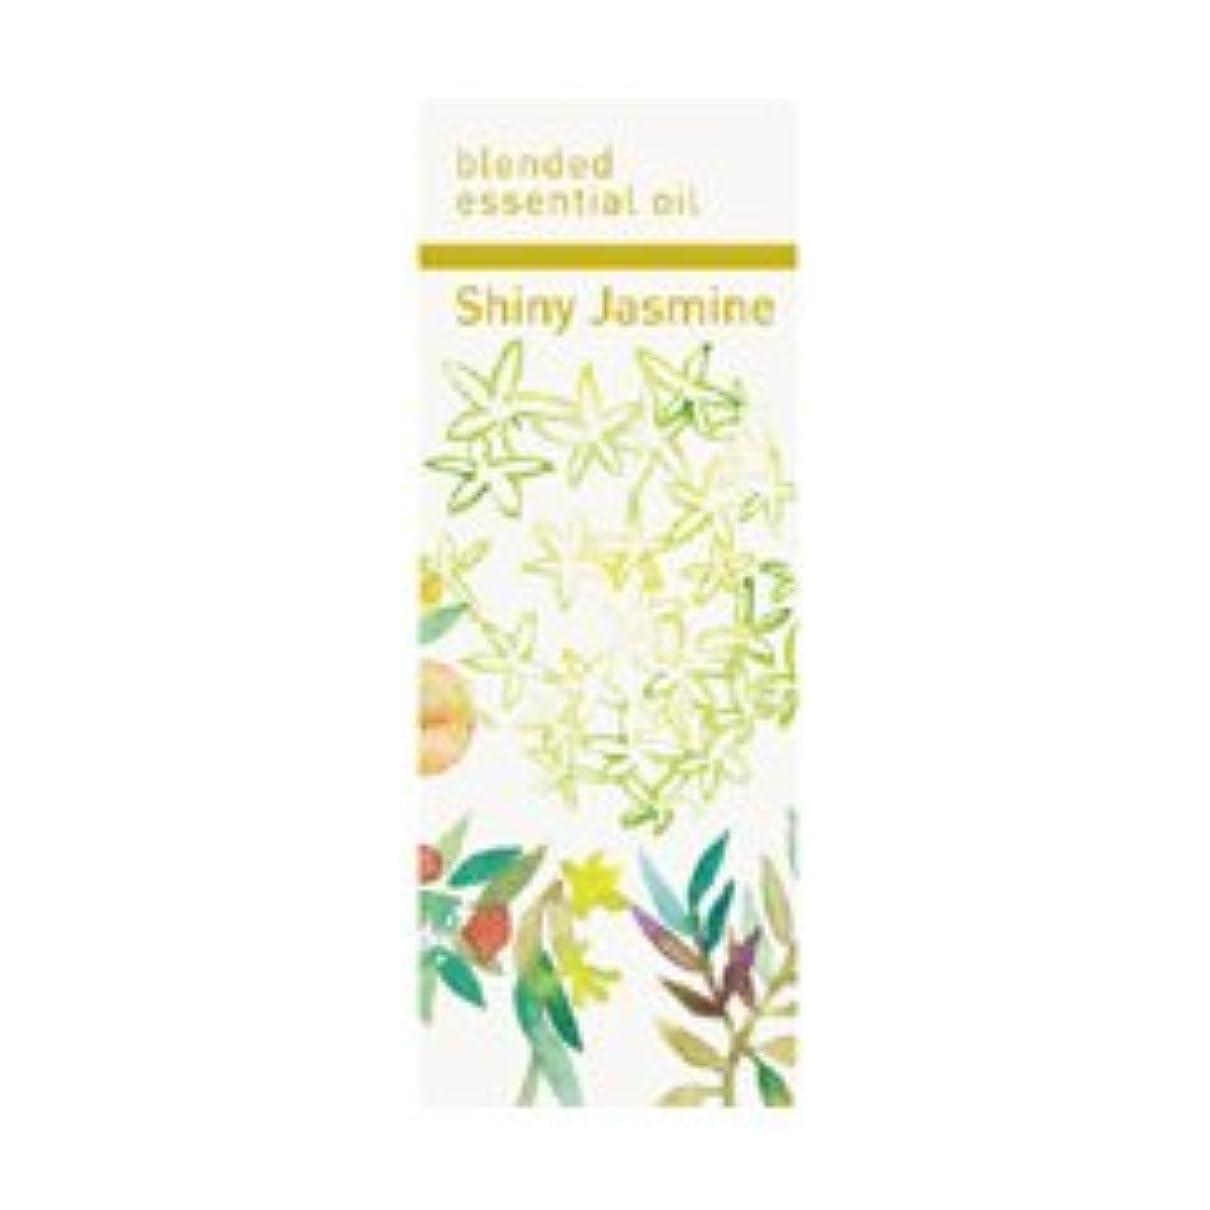 生活の木 ブレンドエッセンシャルオイル シャイニージャスミン [30ml] エッセンシャルオイル/精油